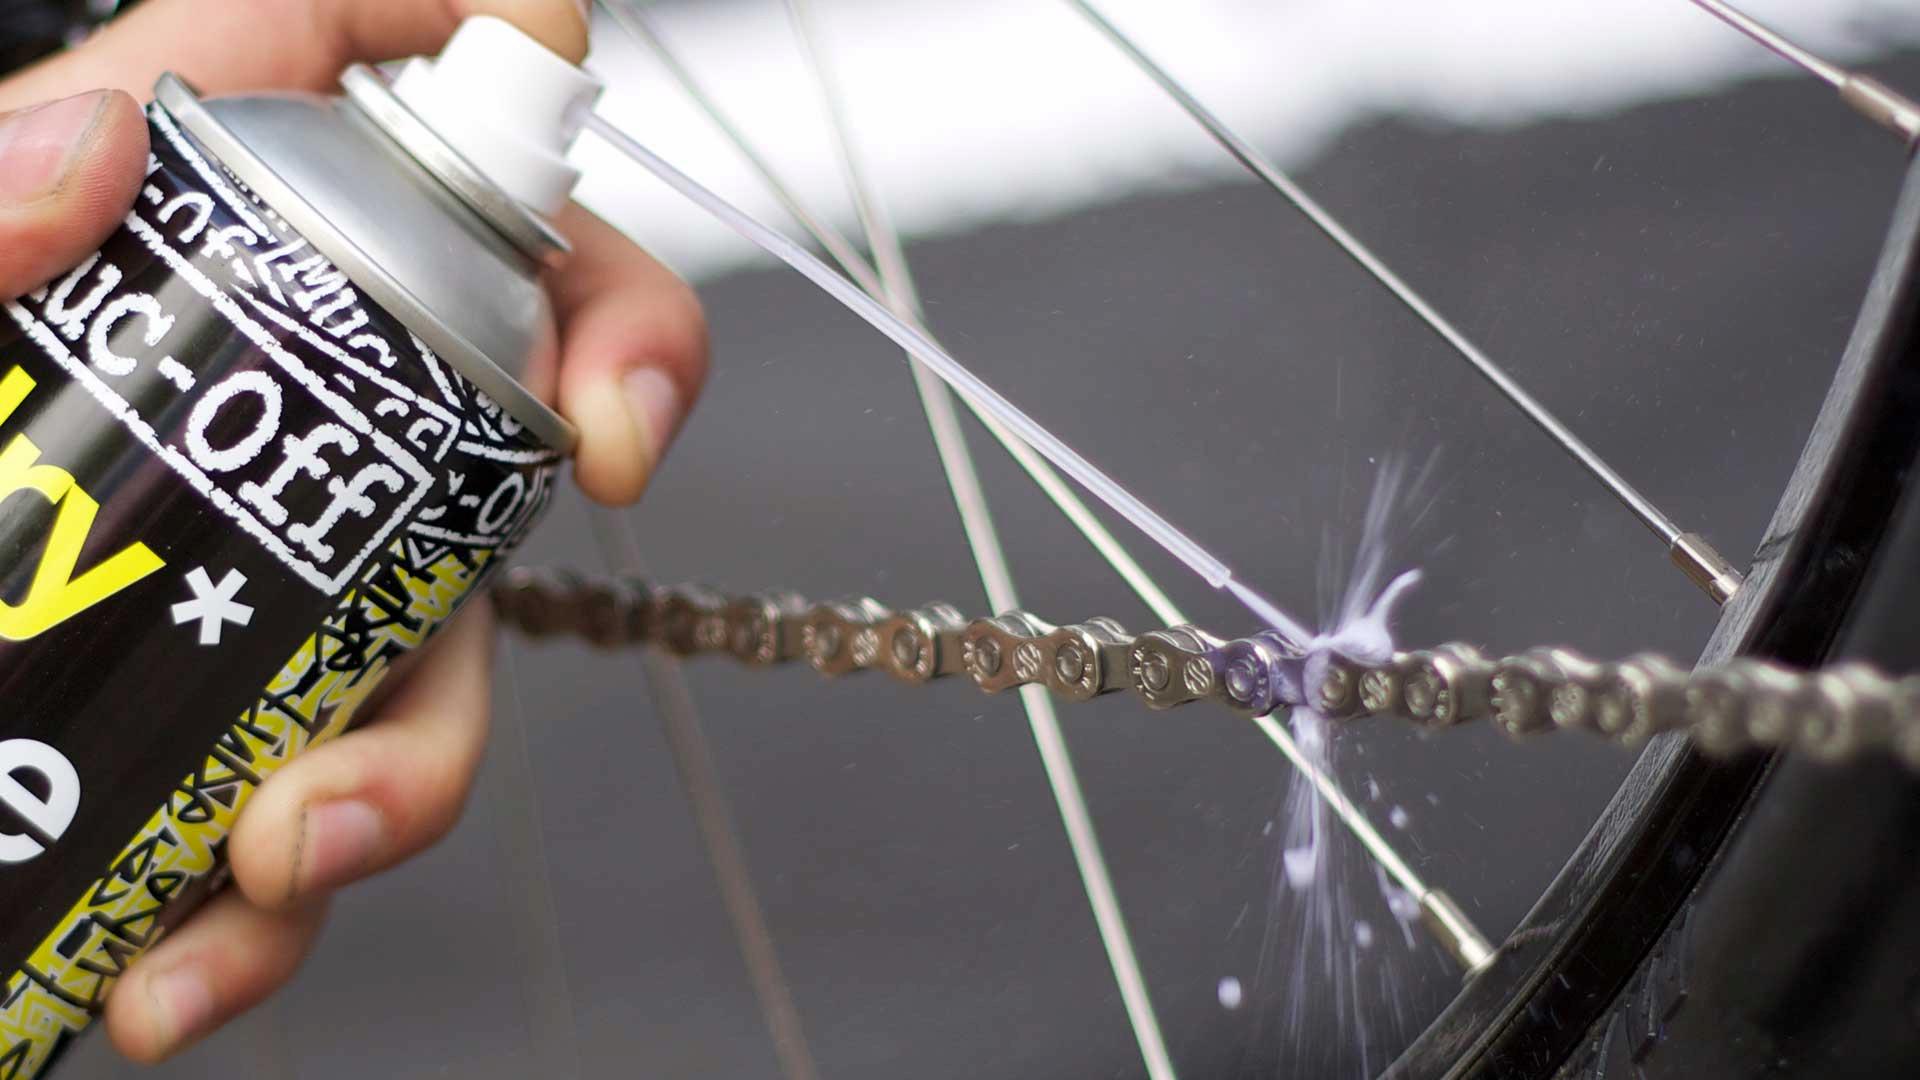 Wykorzystanie smaru do łańcucha rowerowego marki Muc-off